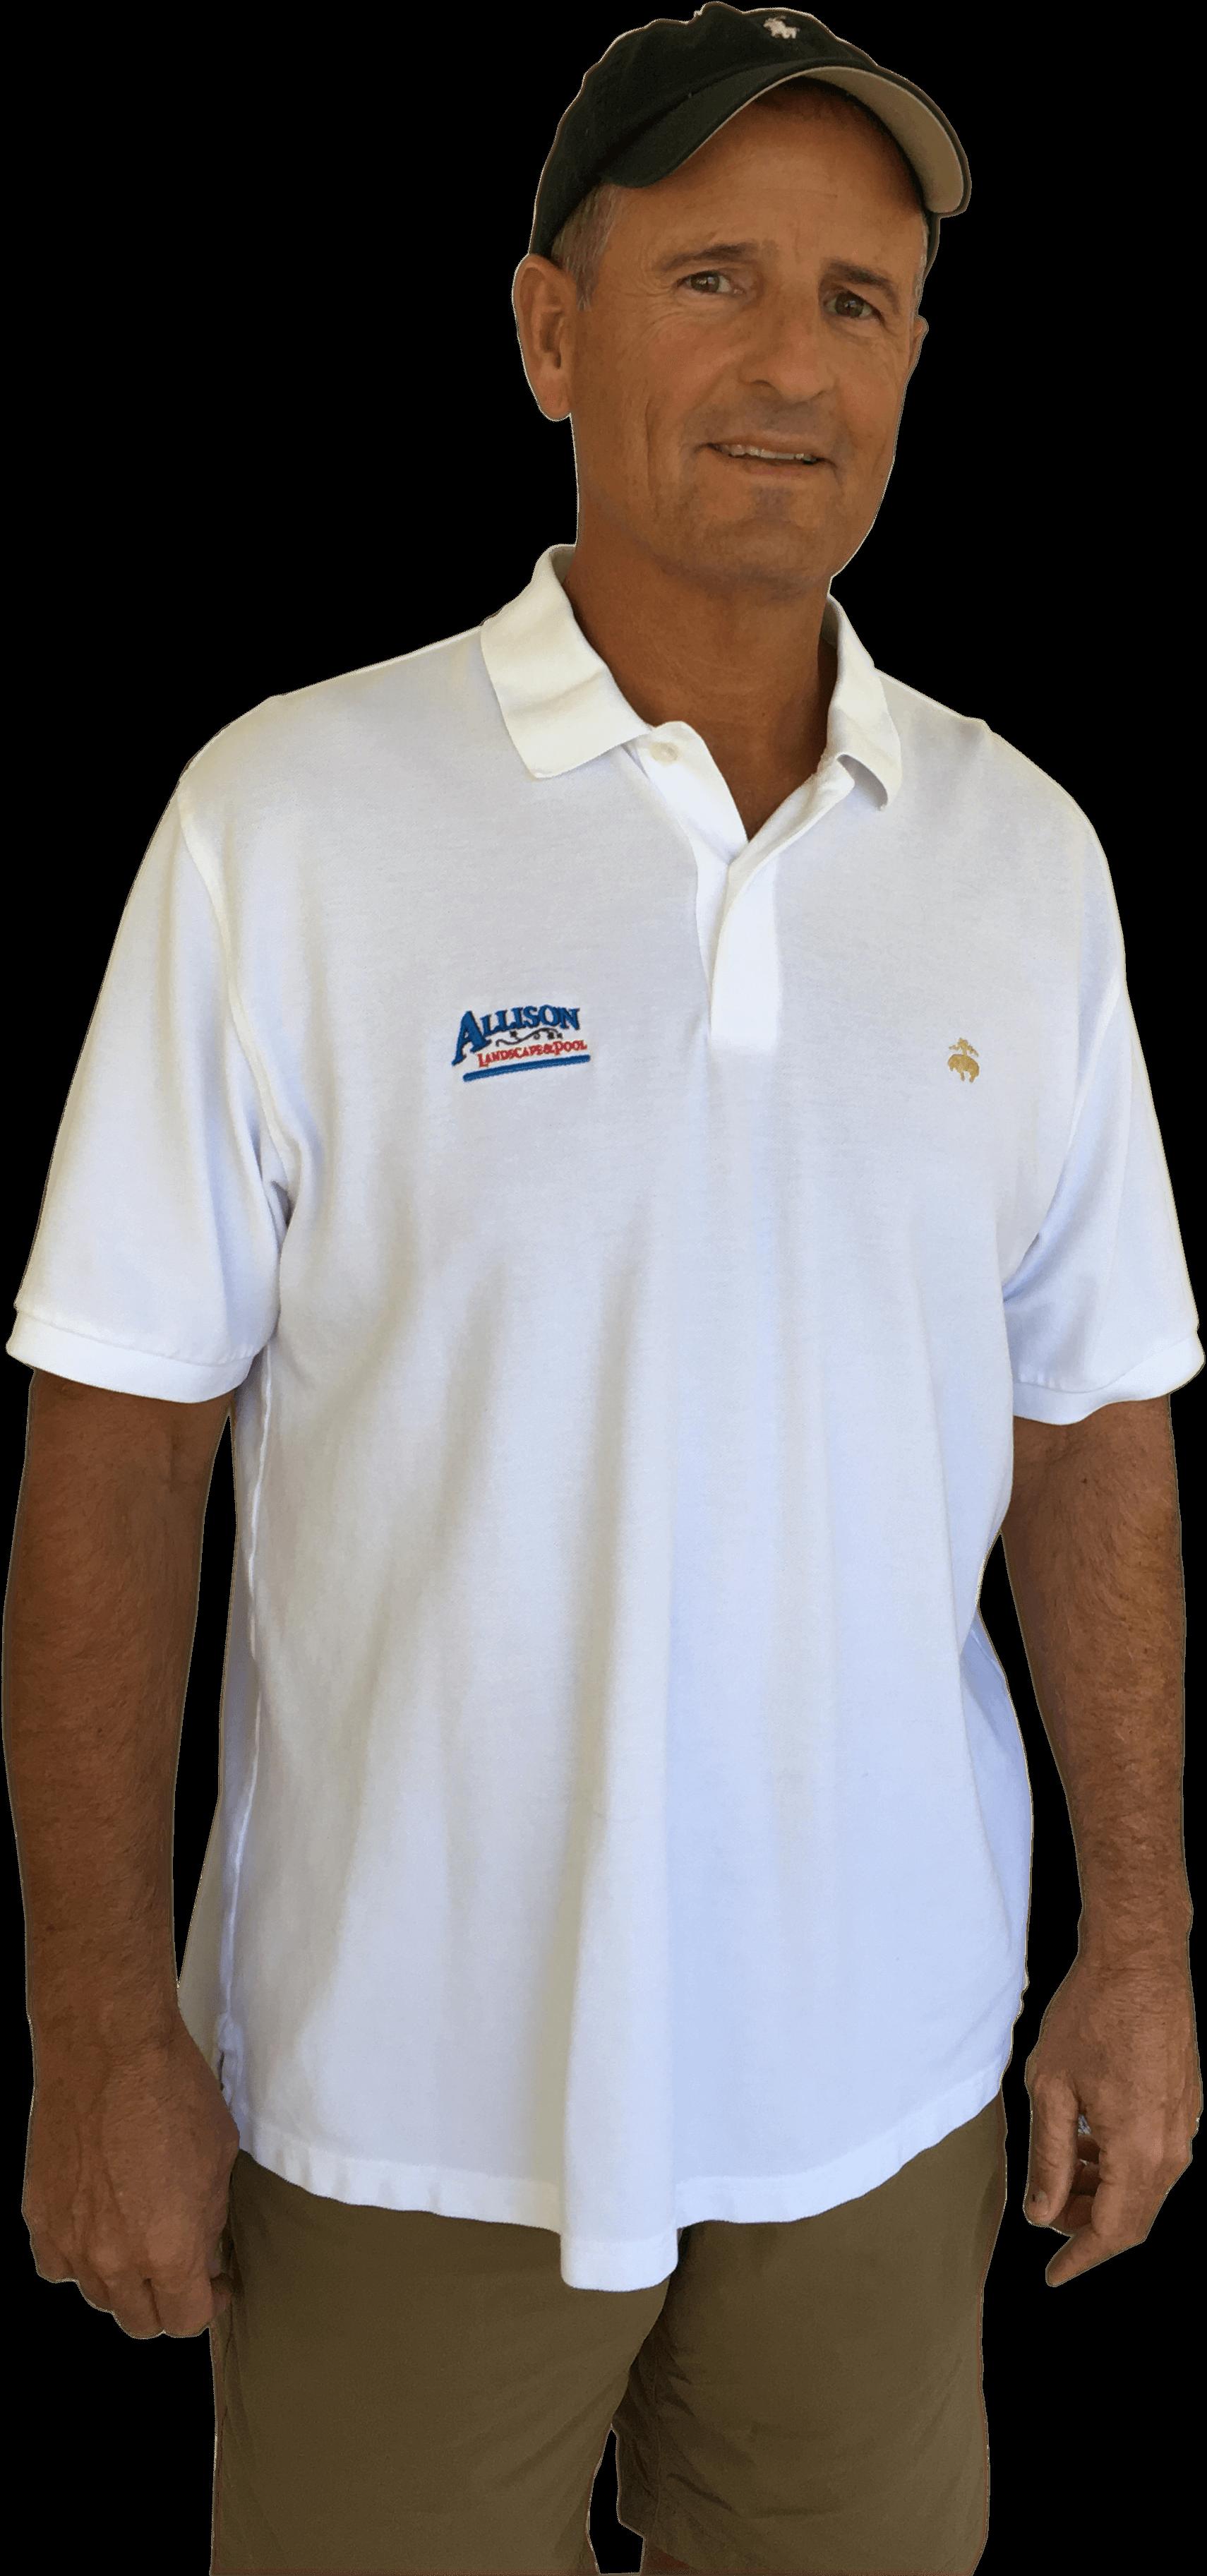 Rodney Allison, Allison Landscape & Pool Company, Hempkins Insurance Client